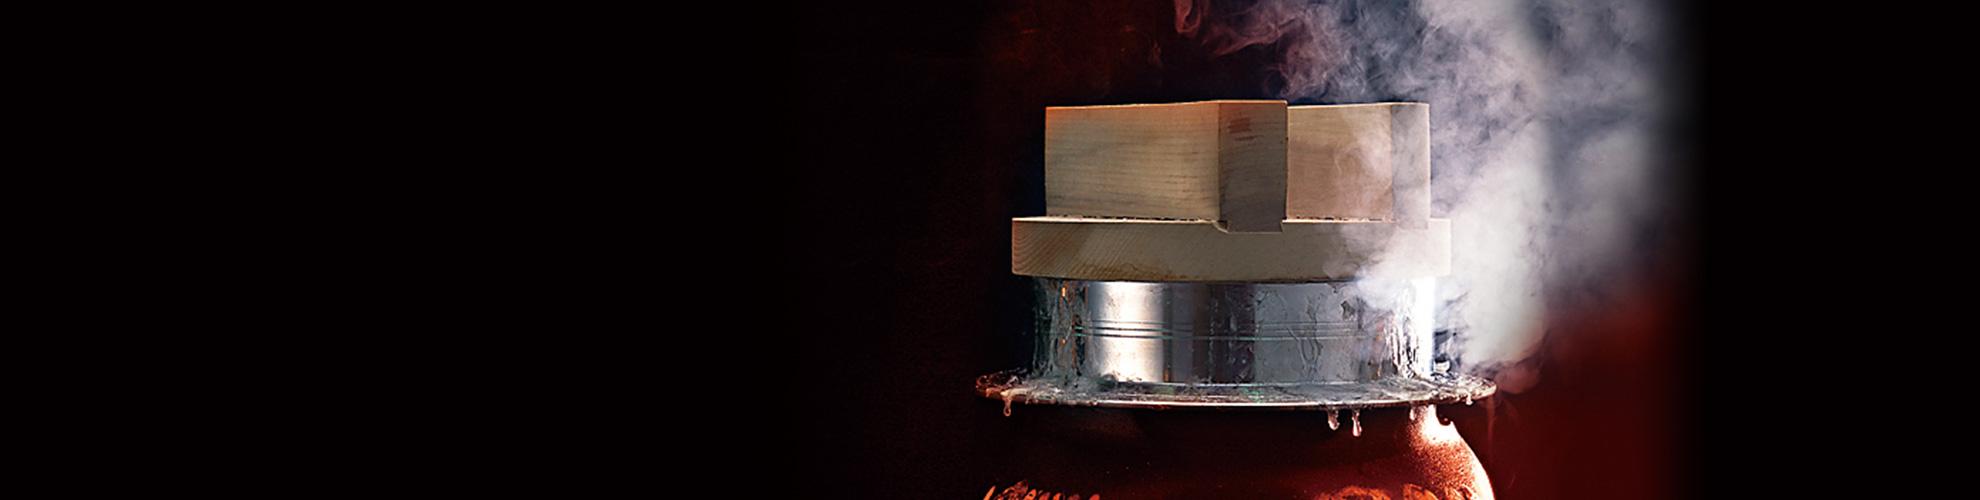 三菱電機 IHジャー炊飯器 備長炭 炭炊釜 5.5合炊き NJ-VE108-W おいしさ引き出す連続沸騰。